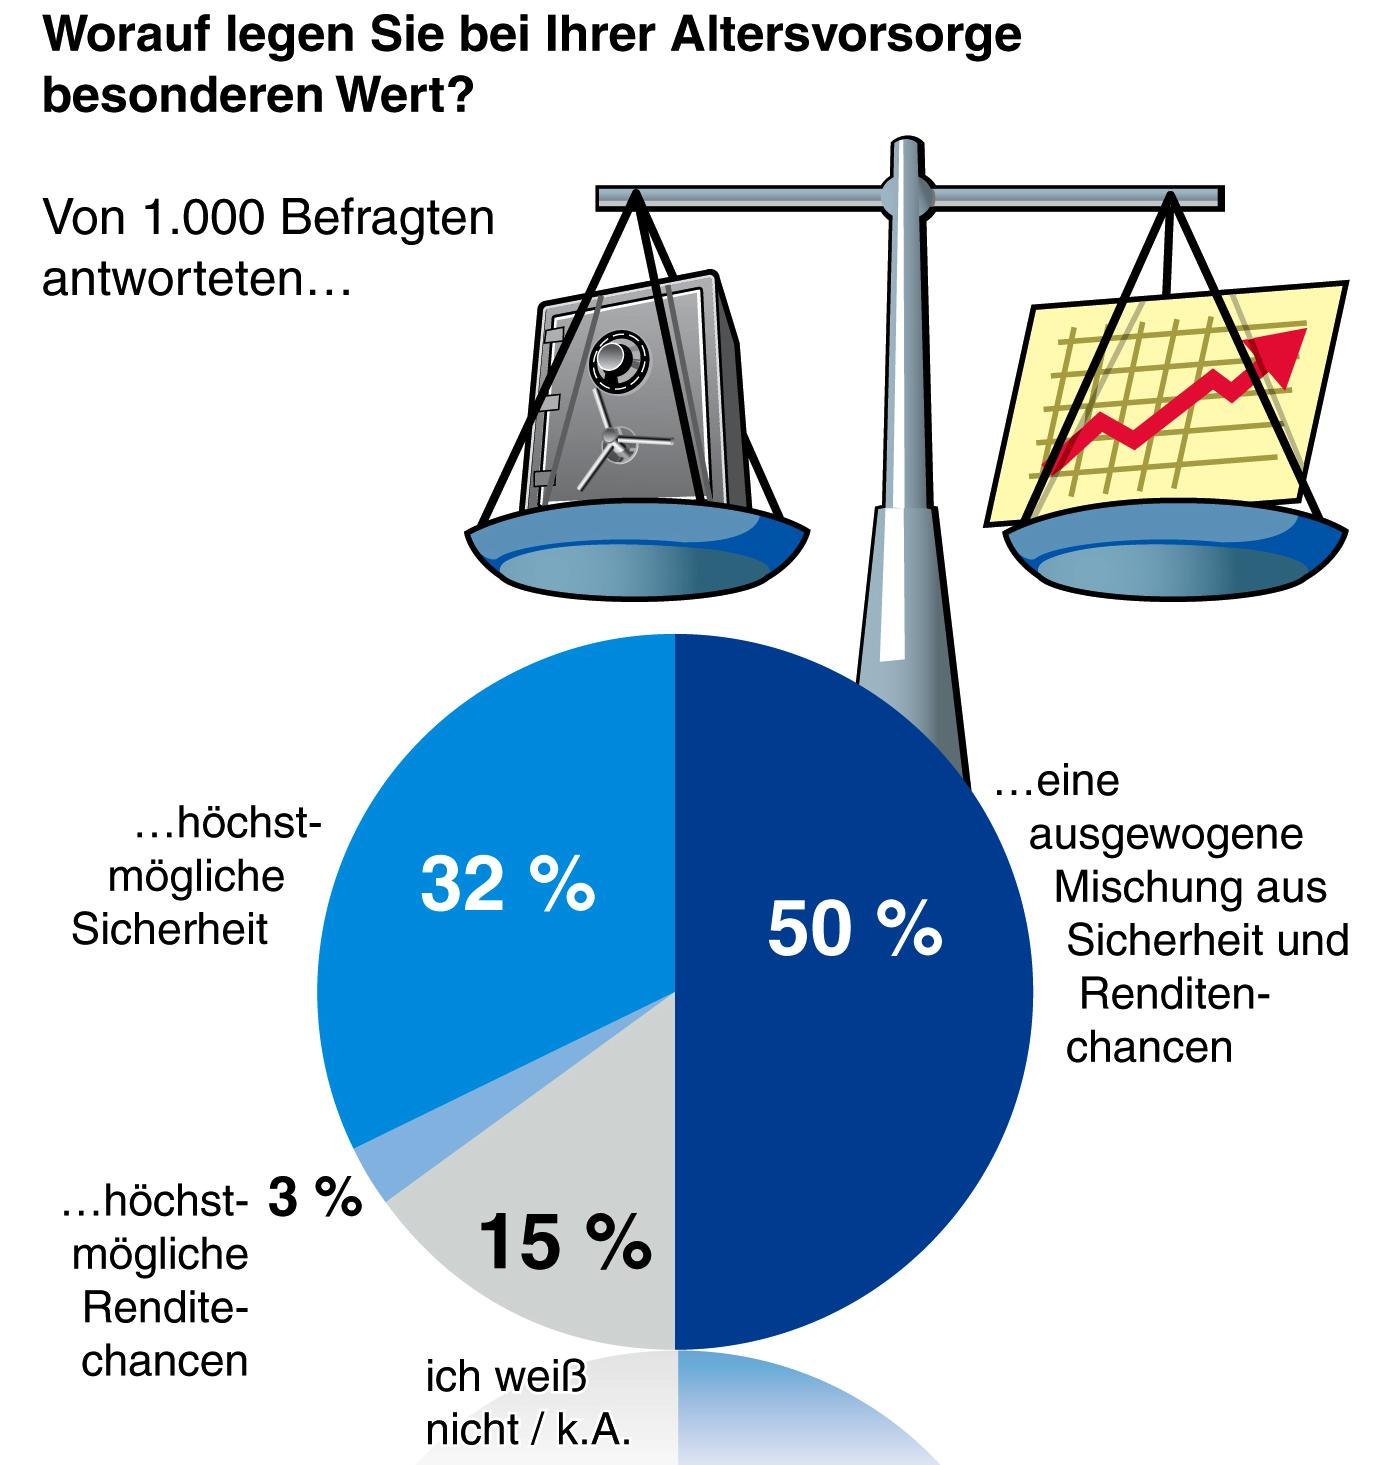 Zurich Altersvorsorge in Umfrage: Deutsche lehnen private Altersvorsorge ohne Sicherheiten ab